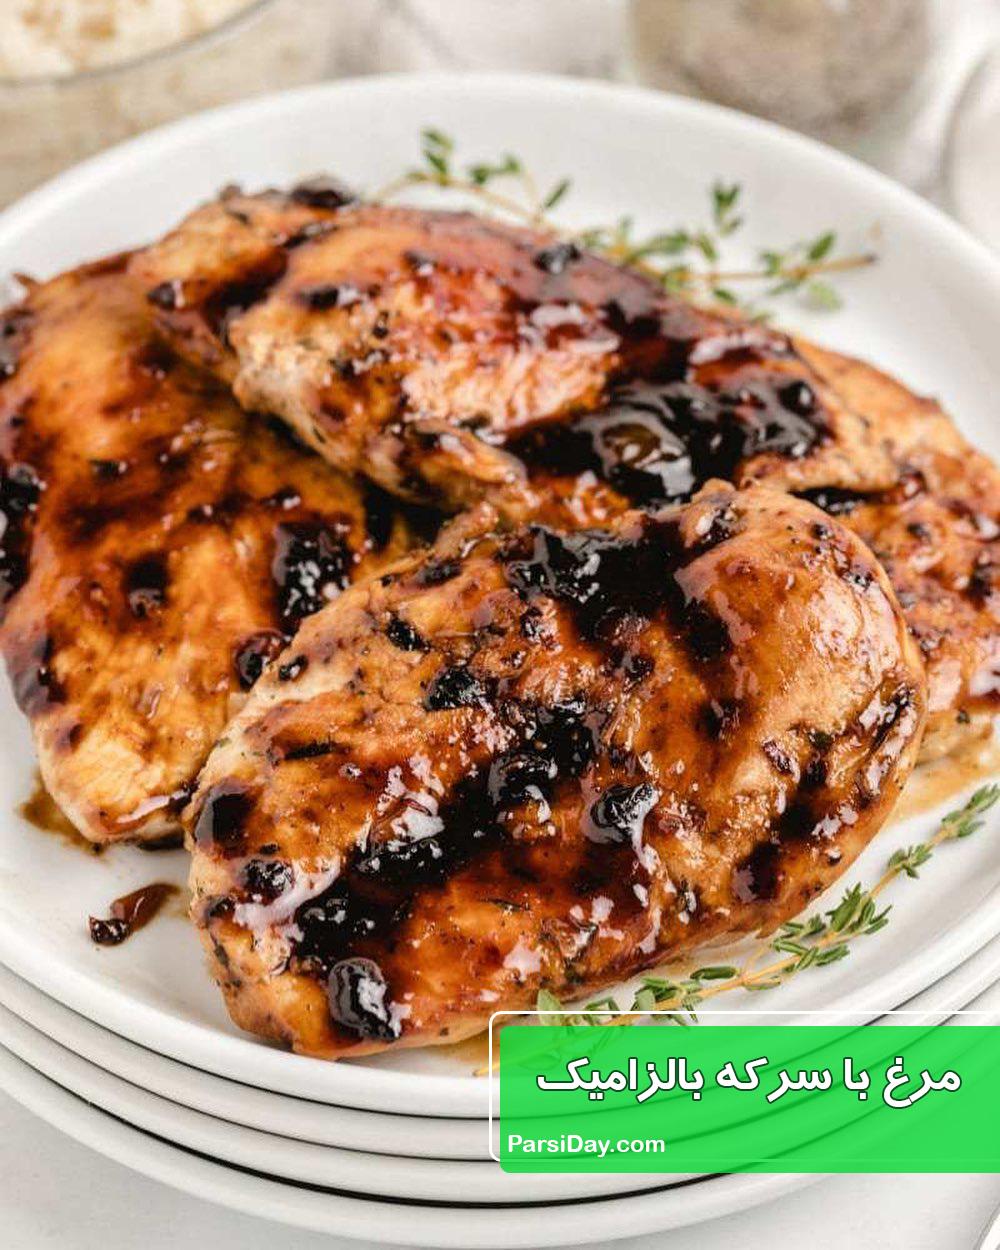 طرز تهیه مرغ با سرکه بالزامیک و قارچ ساده، خوشمزه و مجلسی